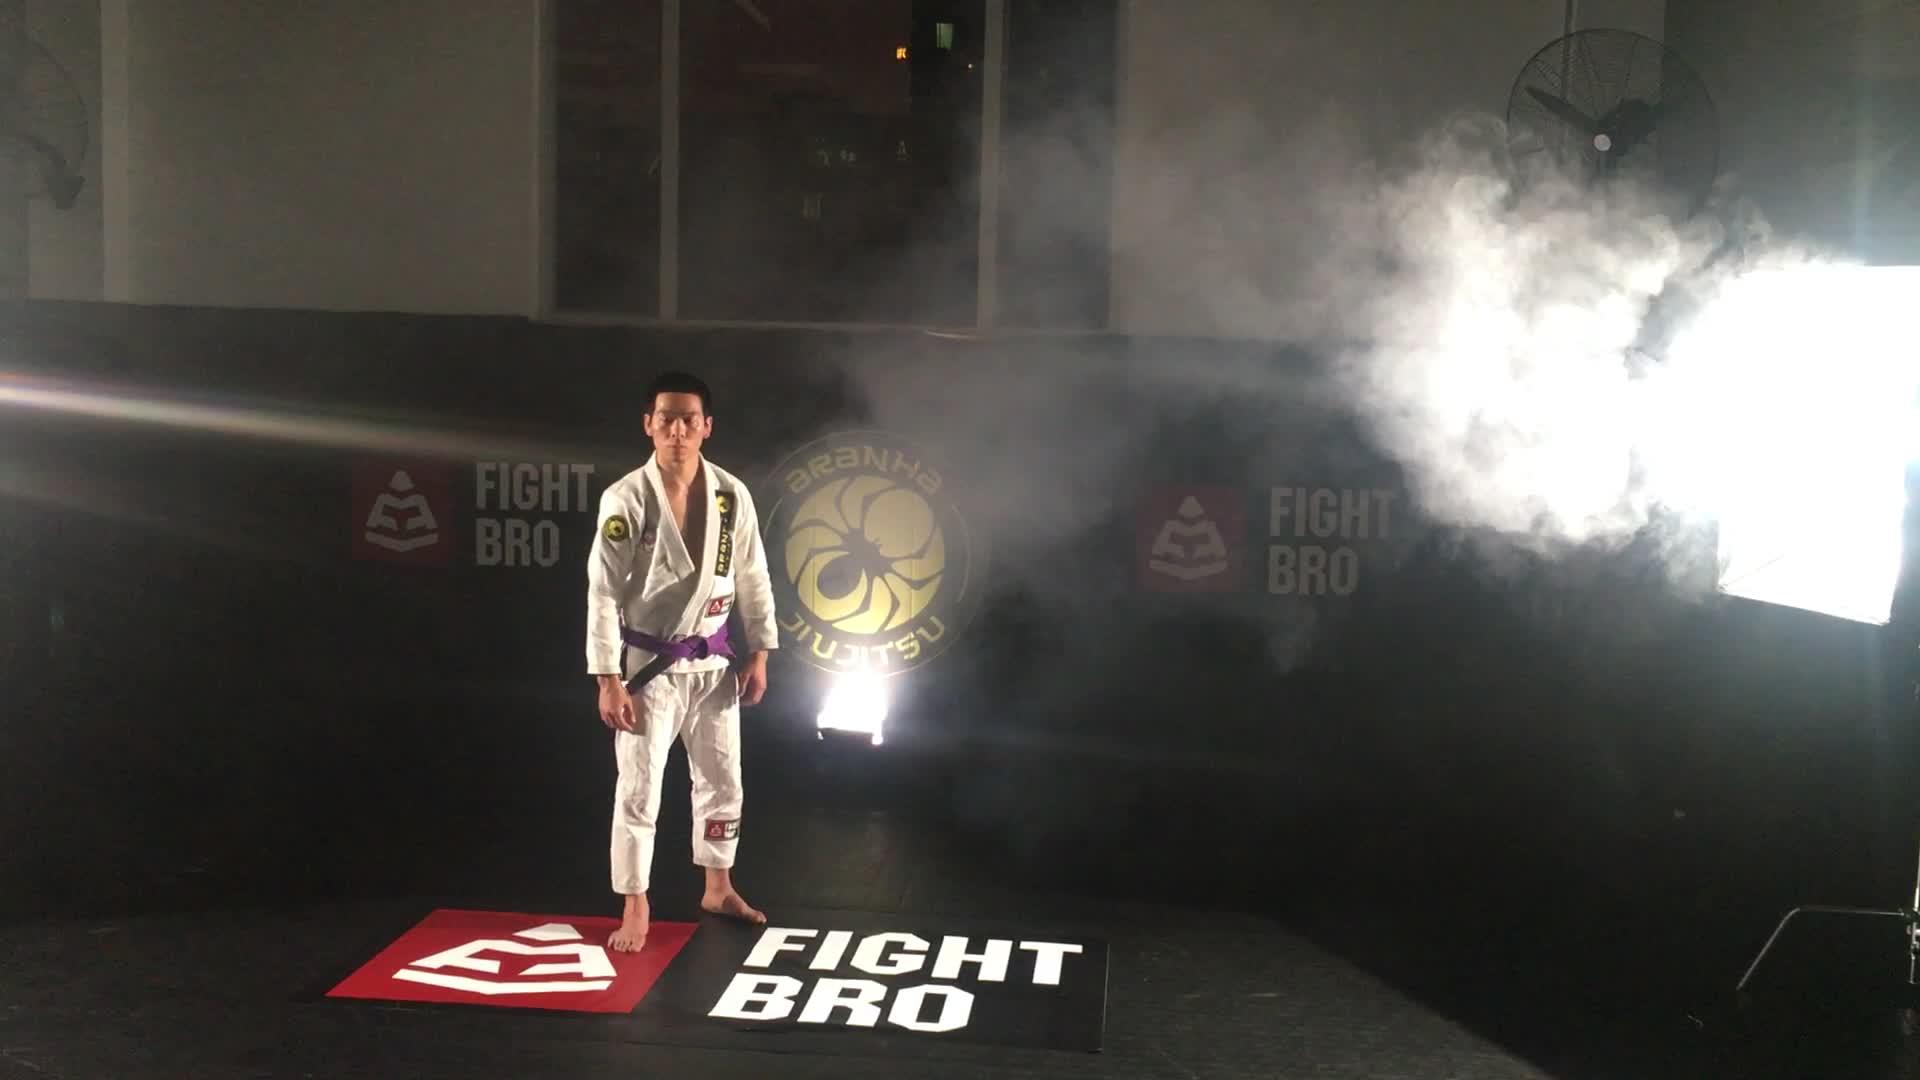 Tatami judo matten für Judo Wrestling/ FightBro Matten/Boden Matten Kits